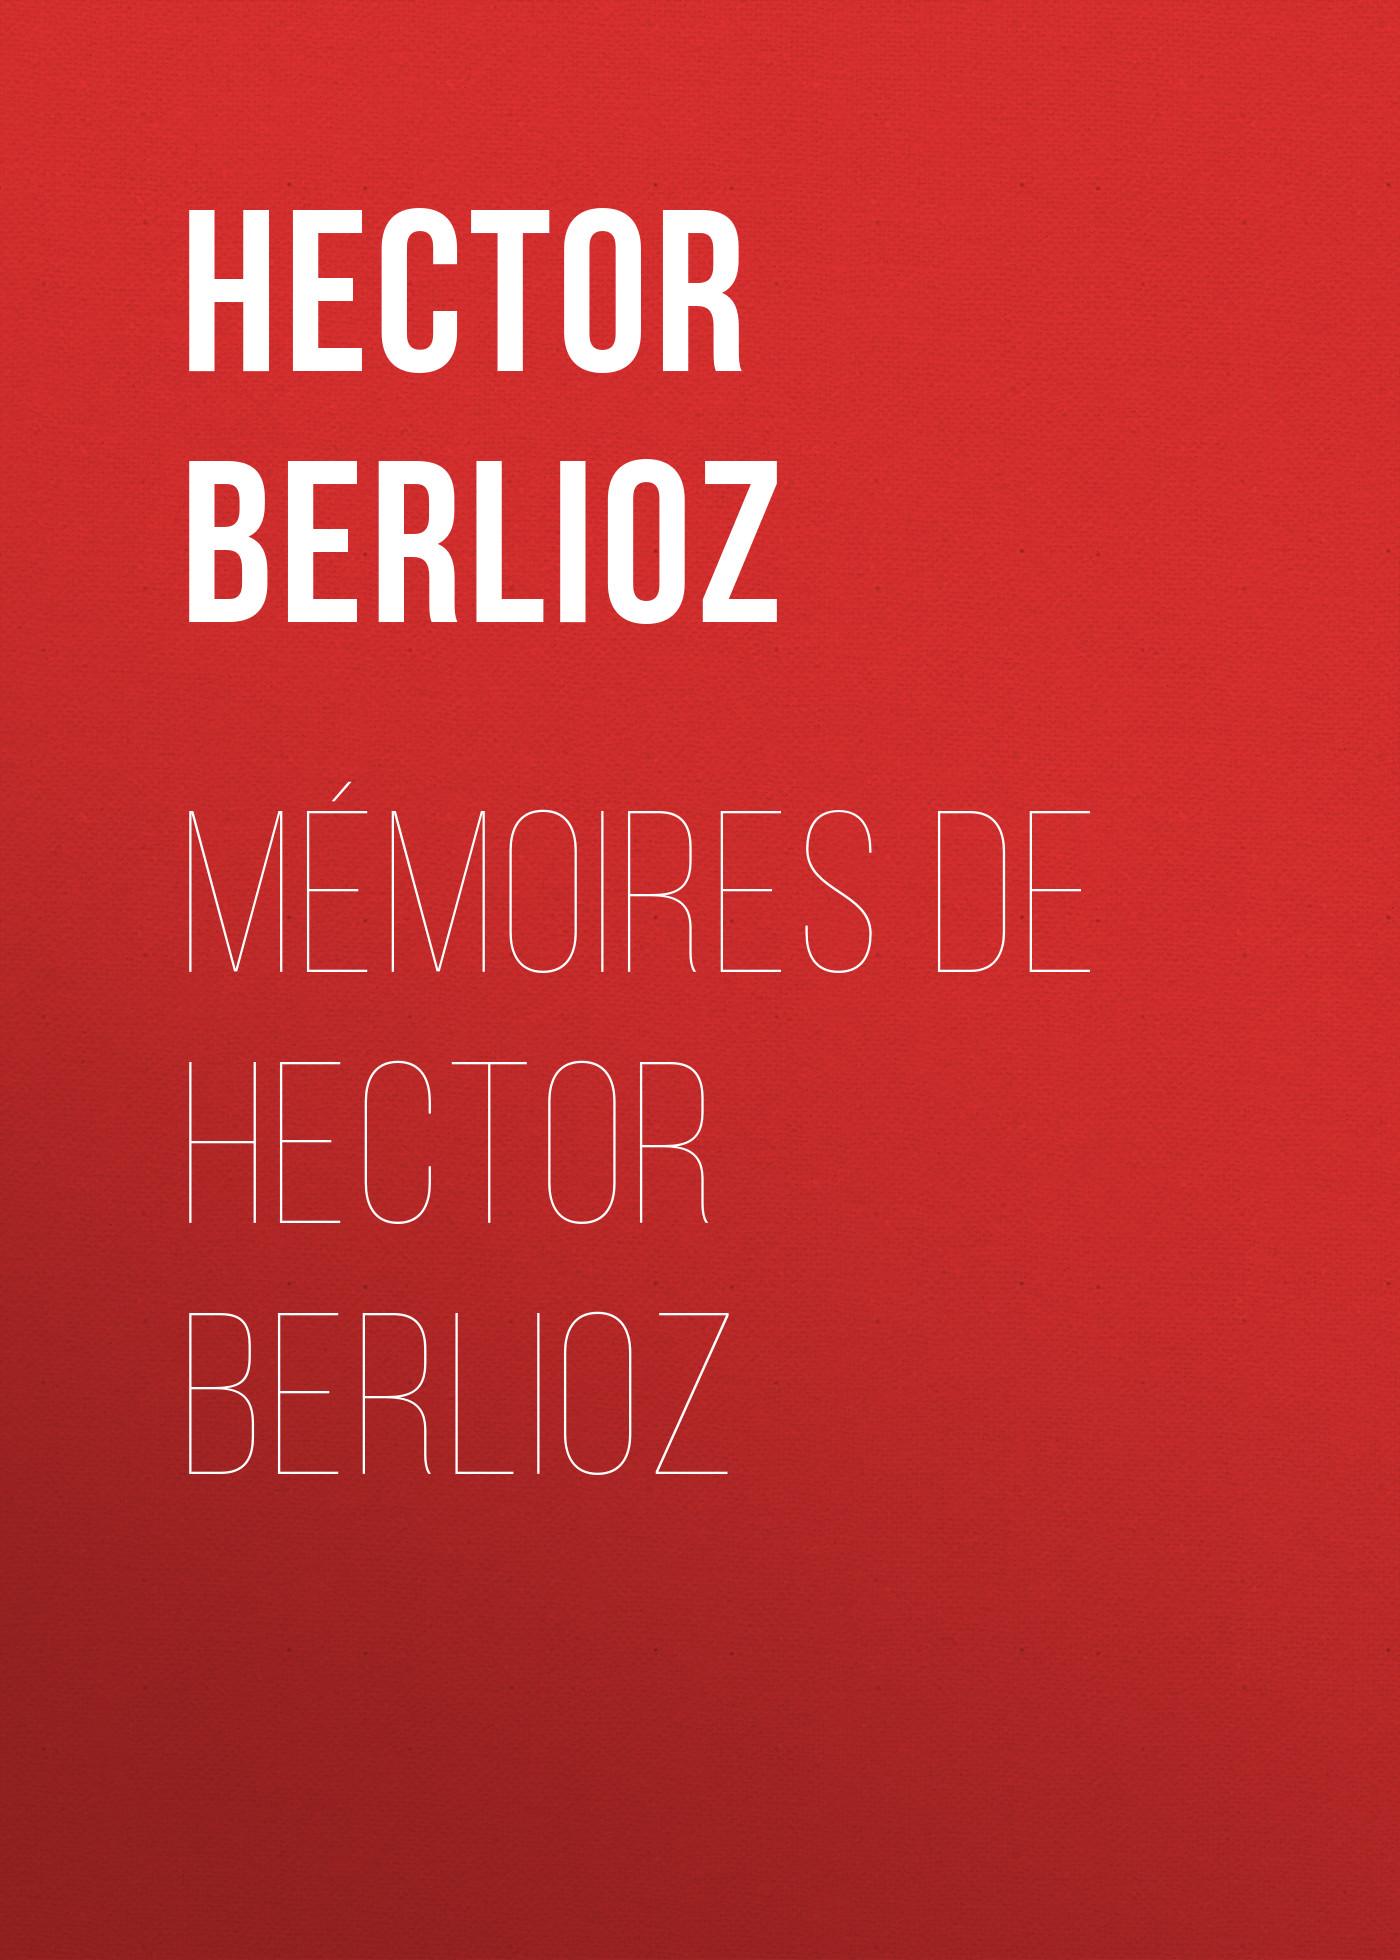 Hector Berlioz Mémoires de Hector Berlioz happy hector page 4